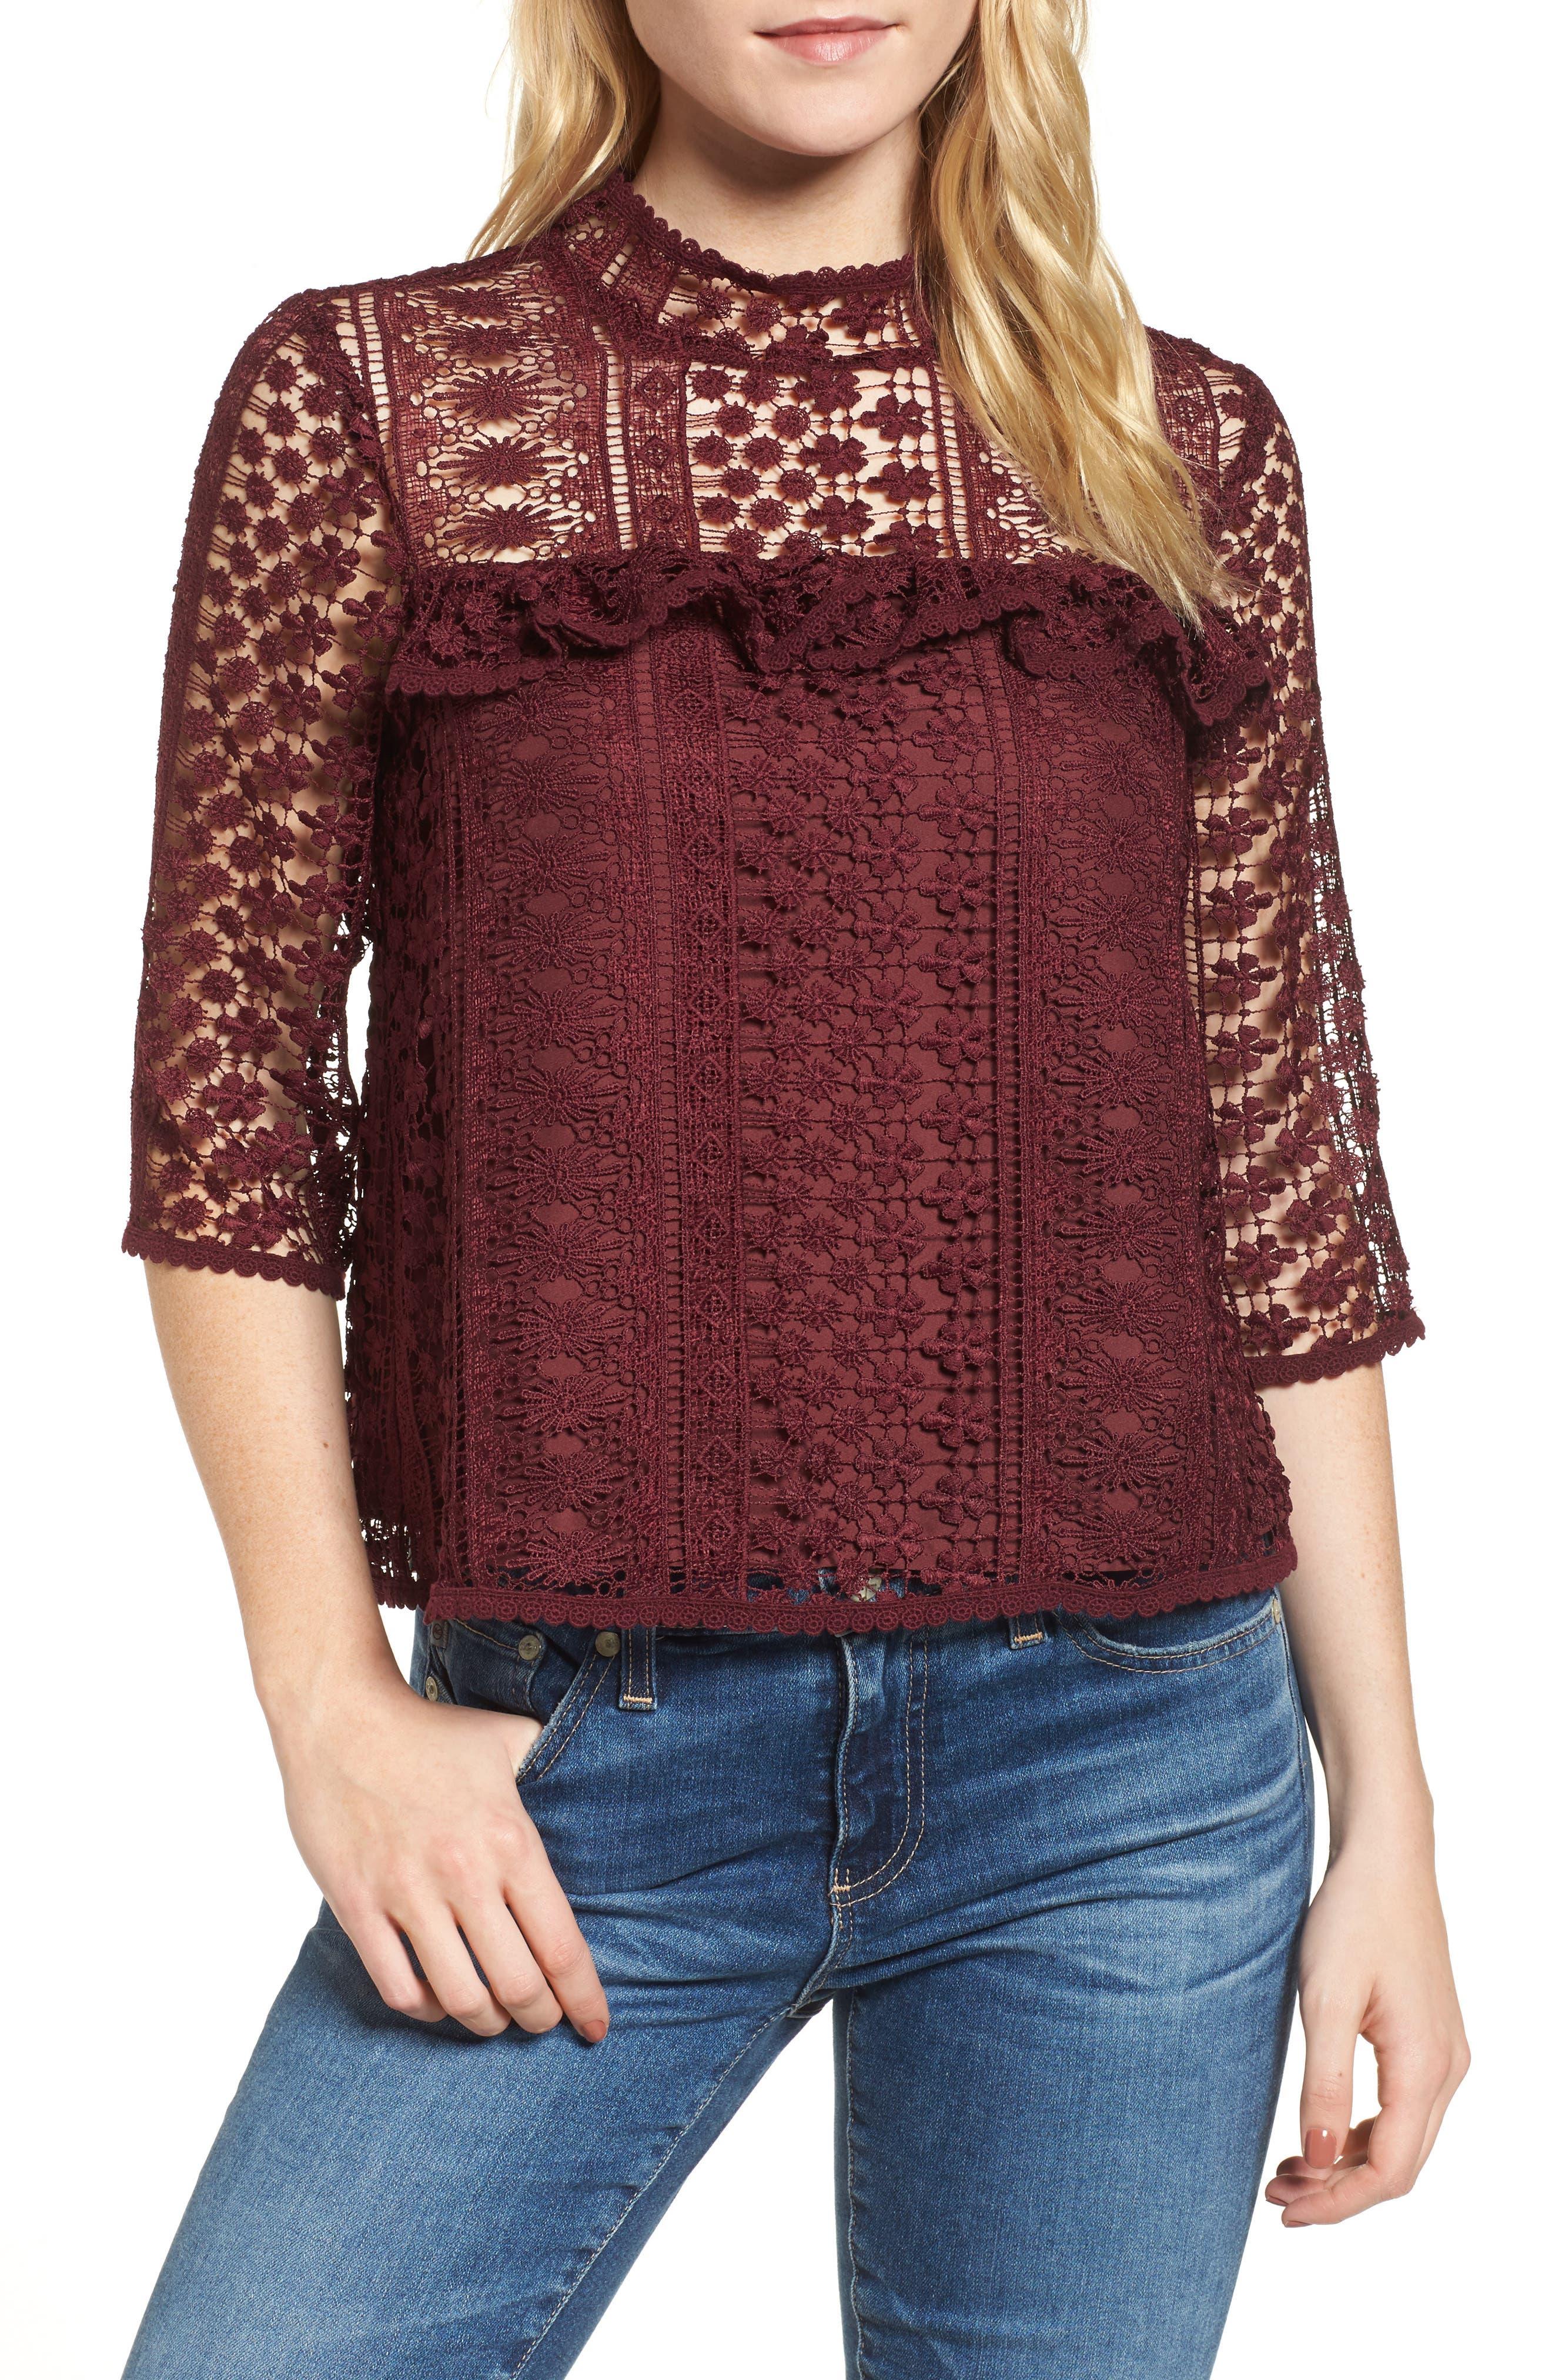 Kebecka Lace Top,                         Main,                         color, 901